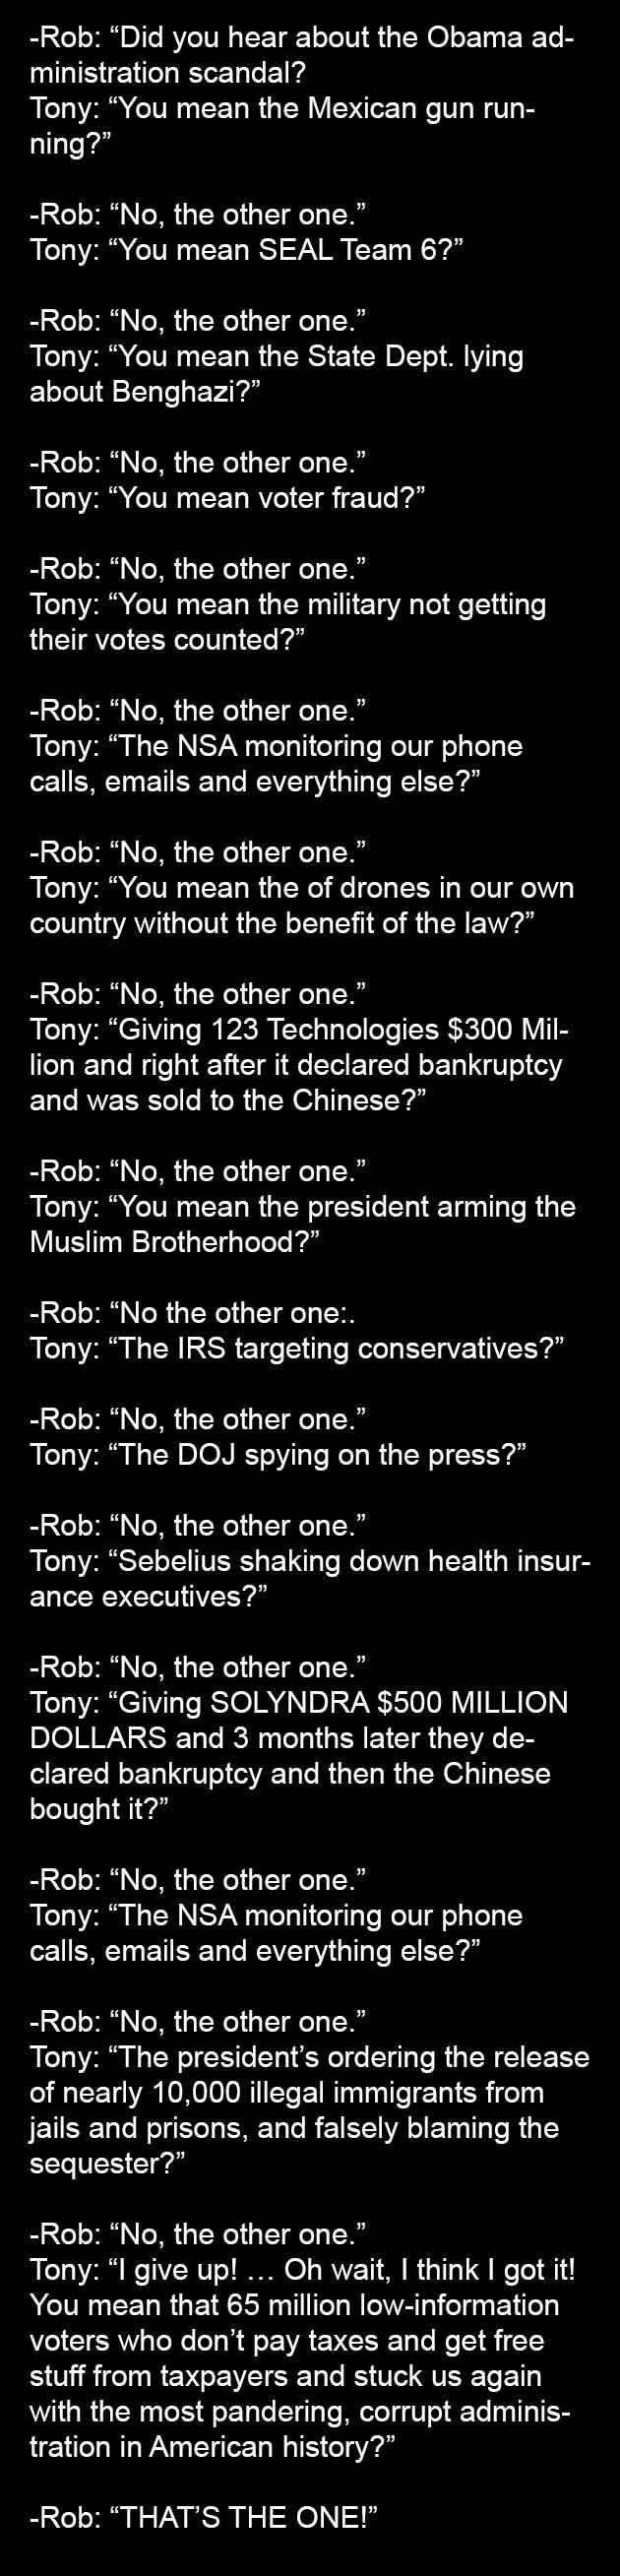 obamajokes